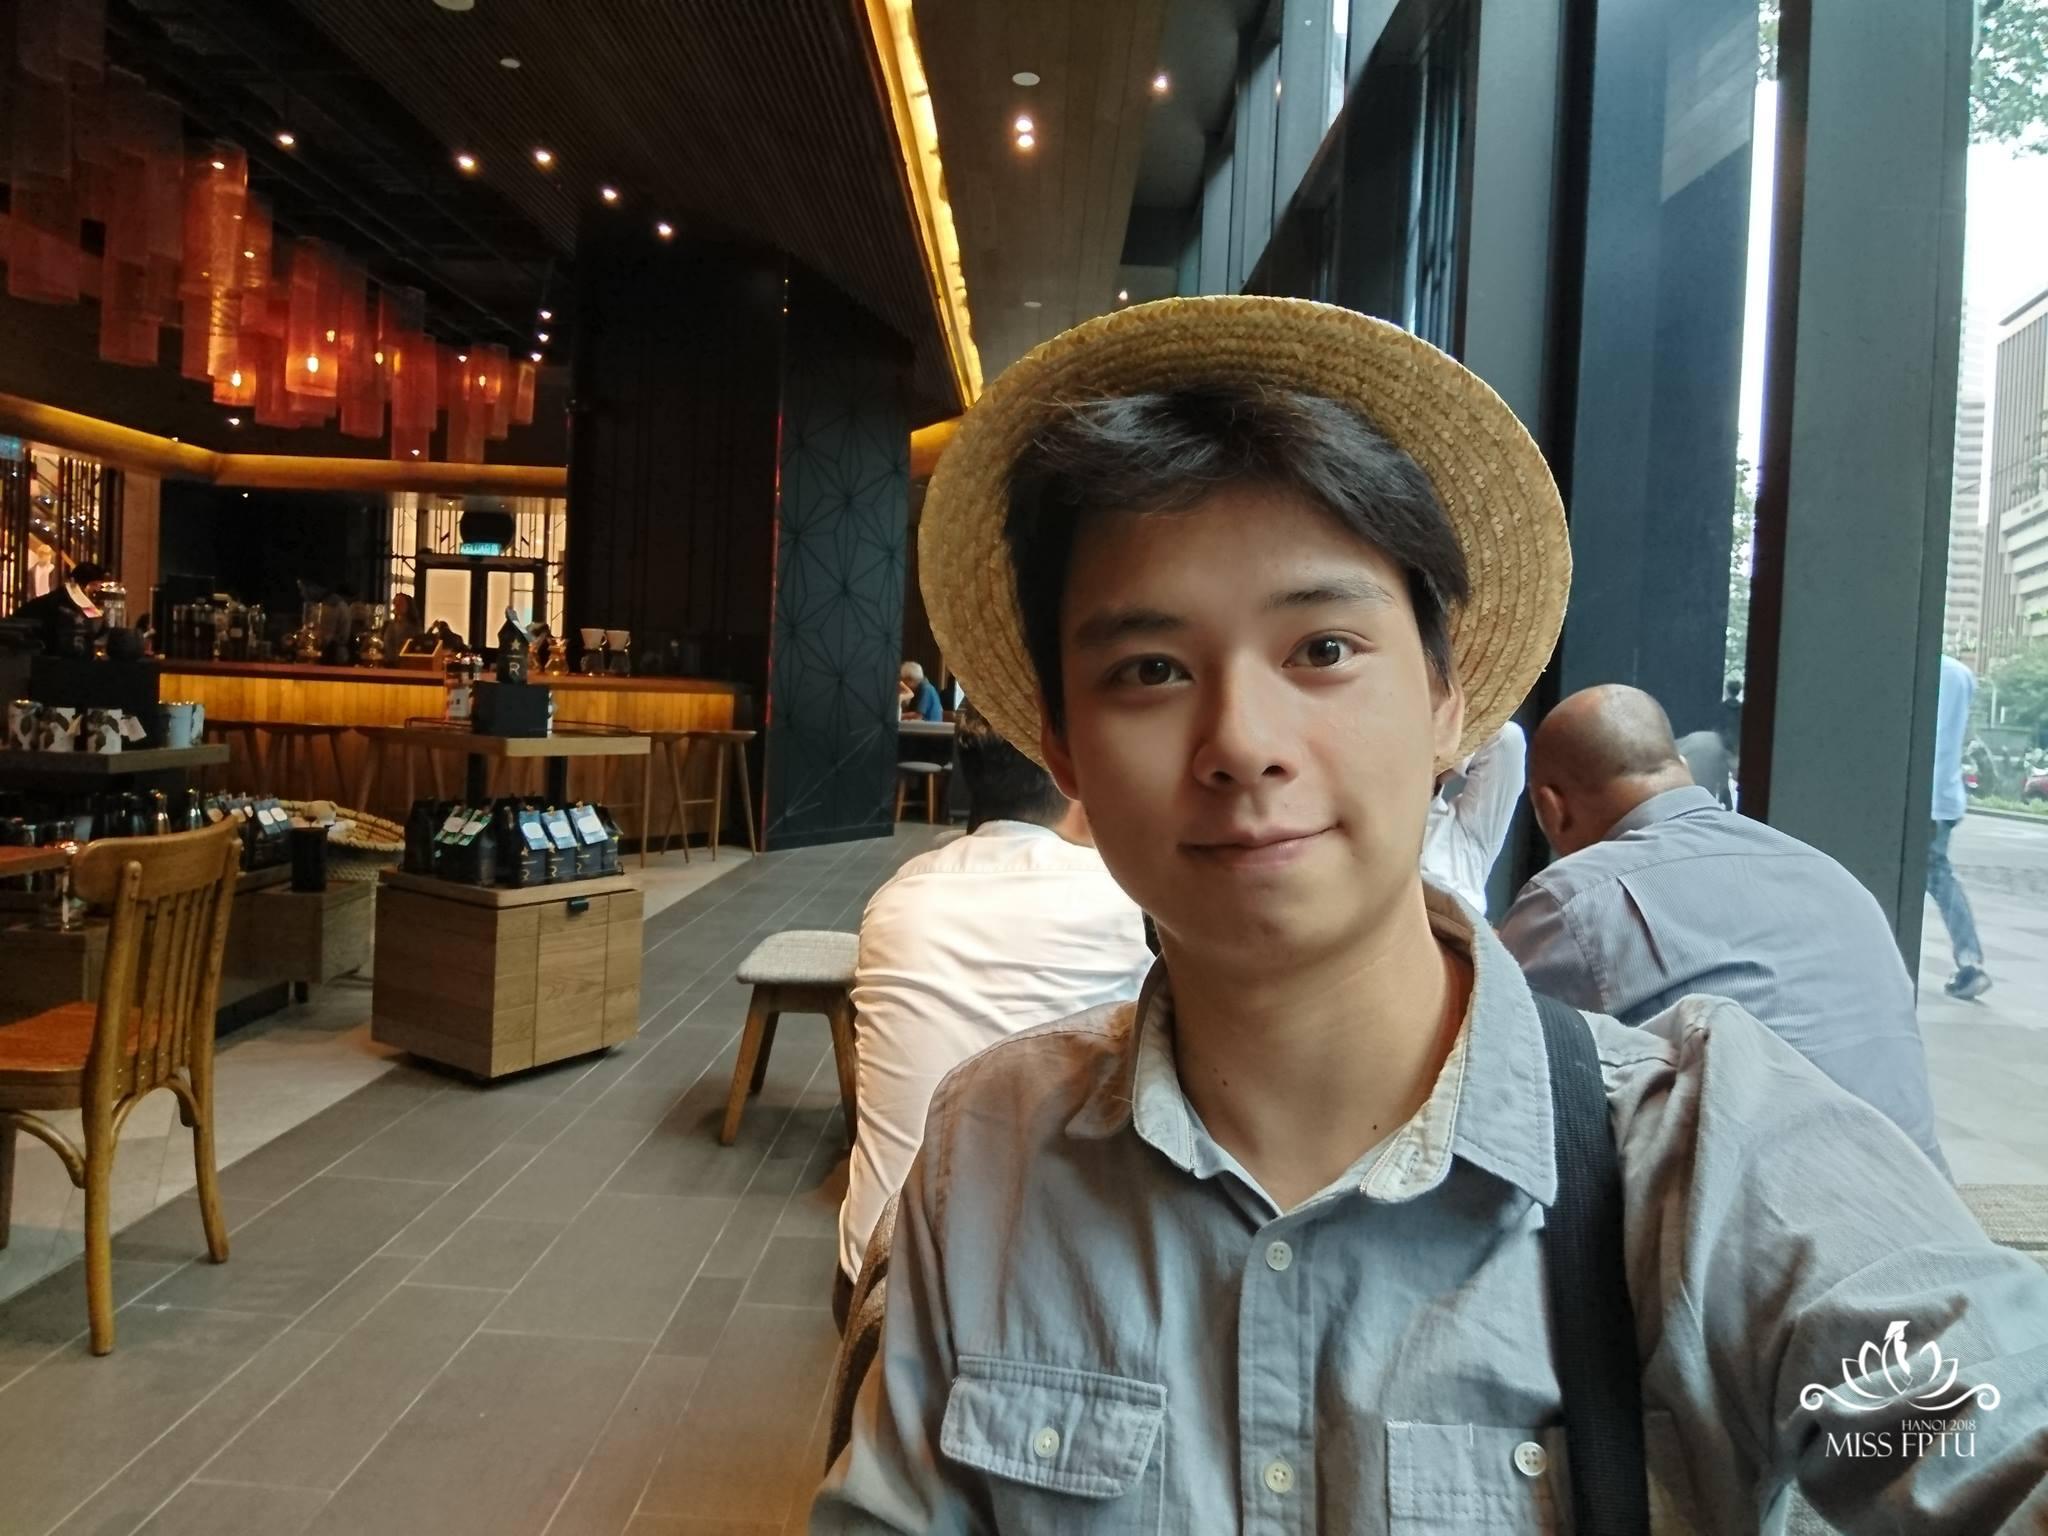 """Nguyễn Lâm (1998); Chiều cao: 1m83 Sở trường: Chơi nhạc cụ (đàn, sáo) và chụp ảnh """"Mình đến với cuộc thi đơn giản chỉ để tham gia nhiều hơn các hoạt động của trường và được gặp gỡ các bạn Miss""""."""